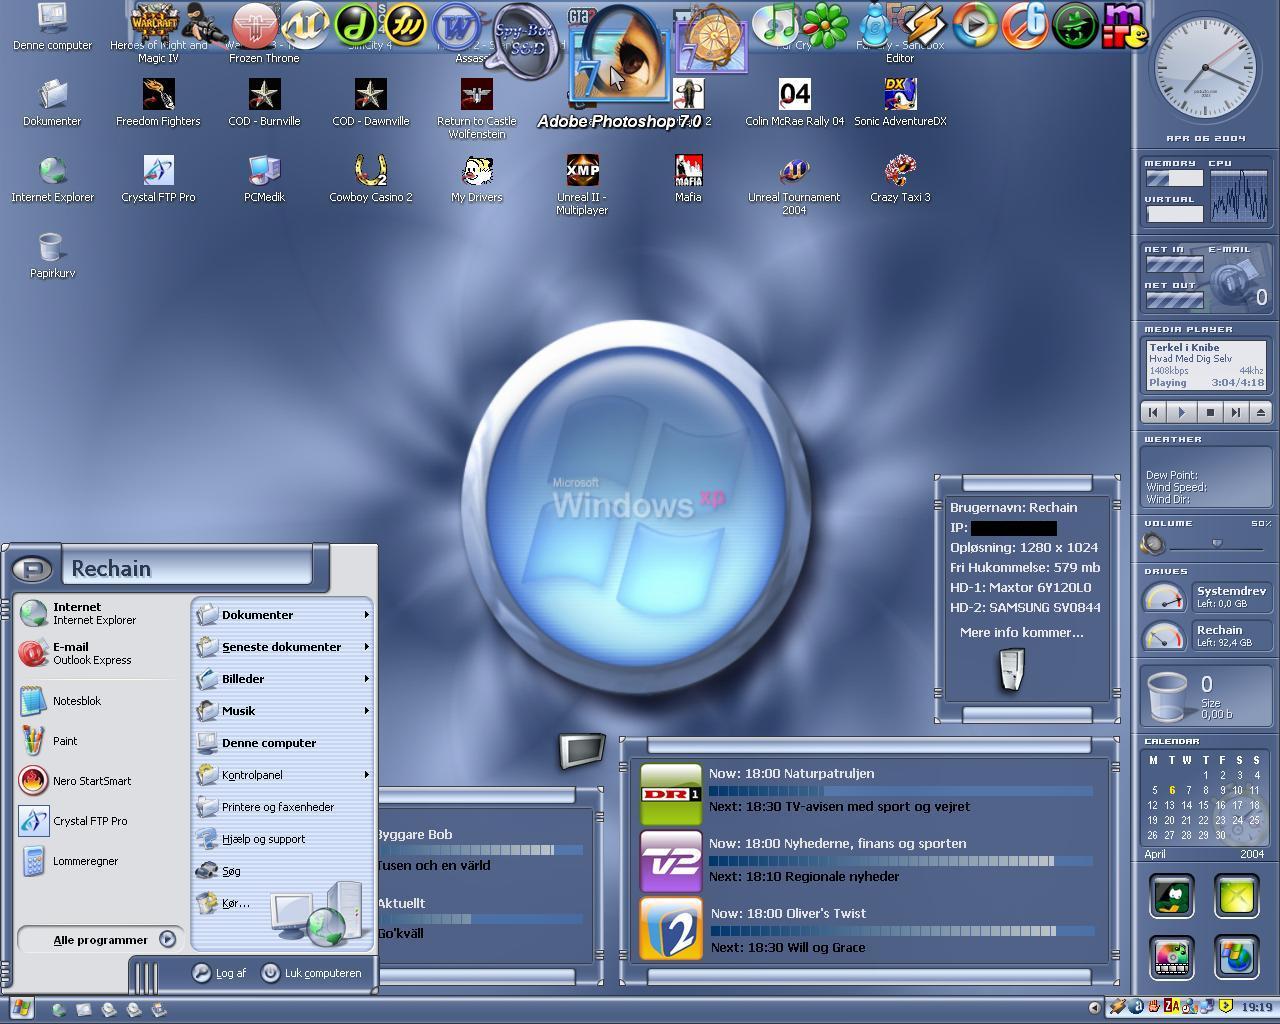 Title: Pixxy Desktop 2004 (Update)